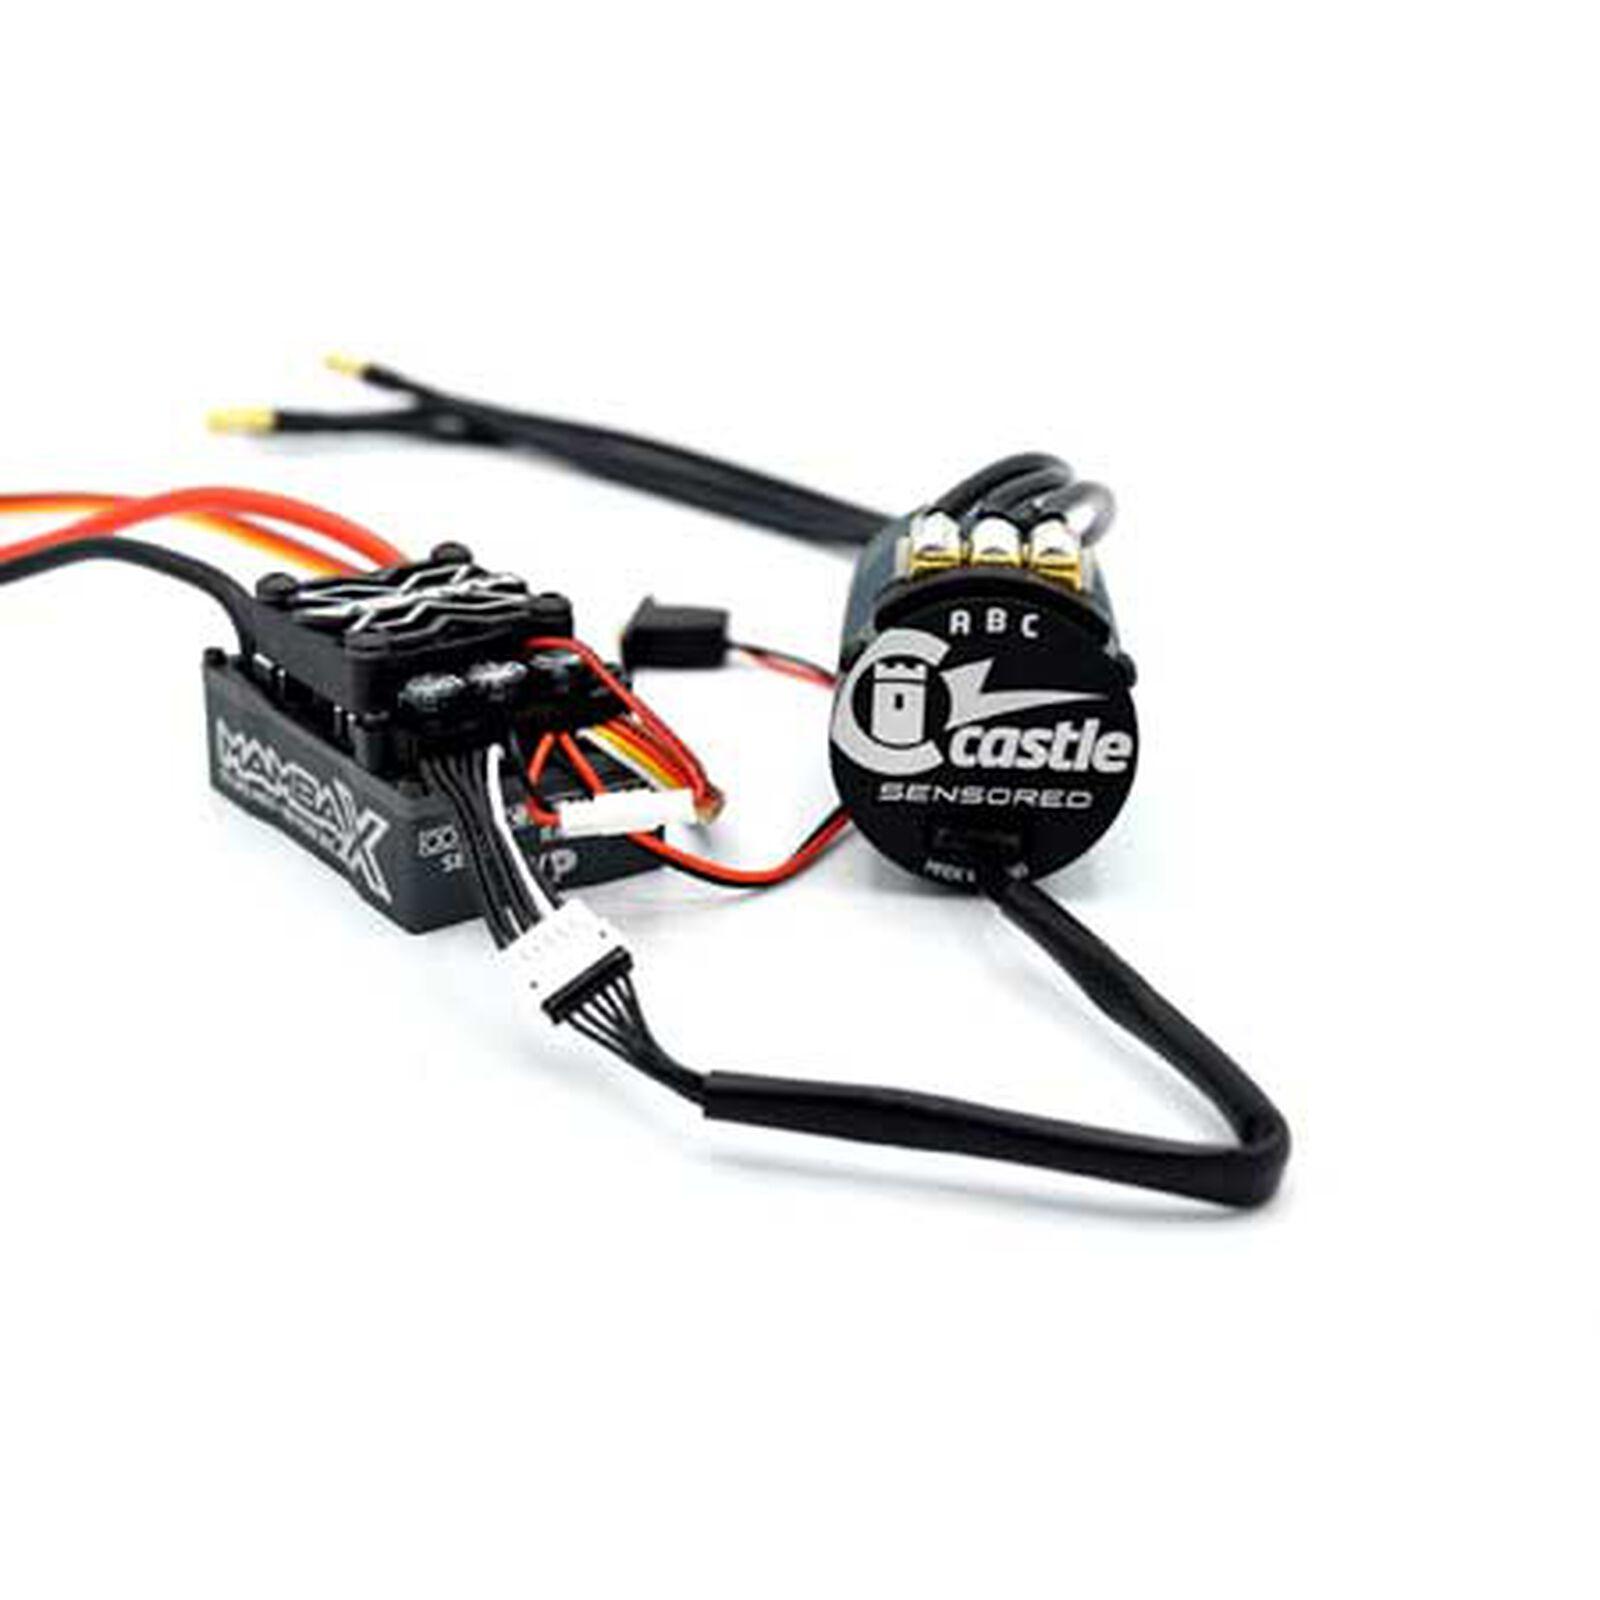 Motor Sensor Wire, 250mm